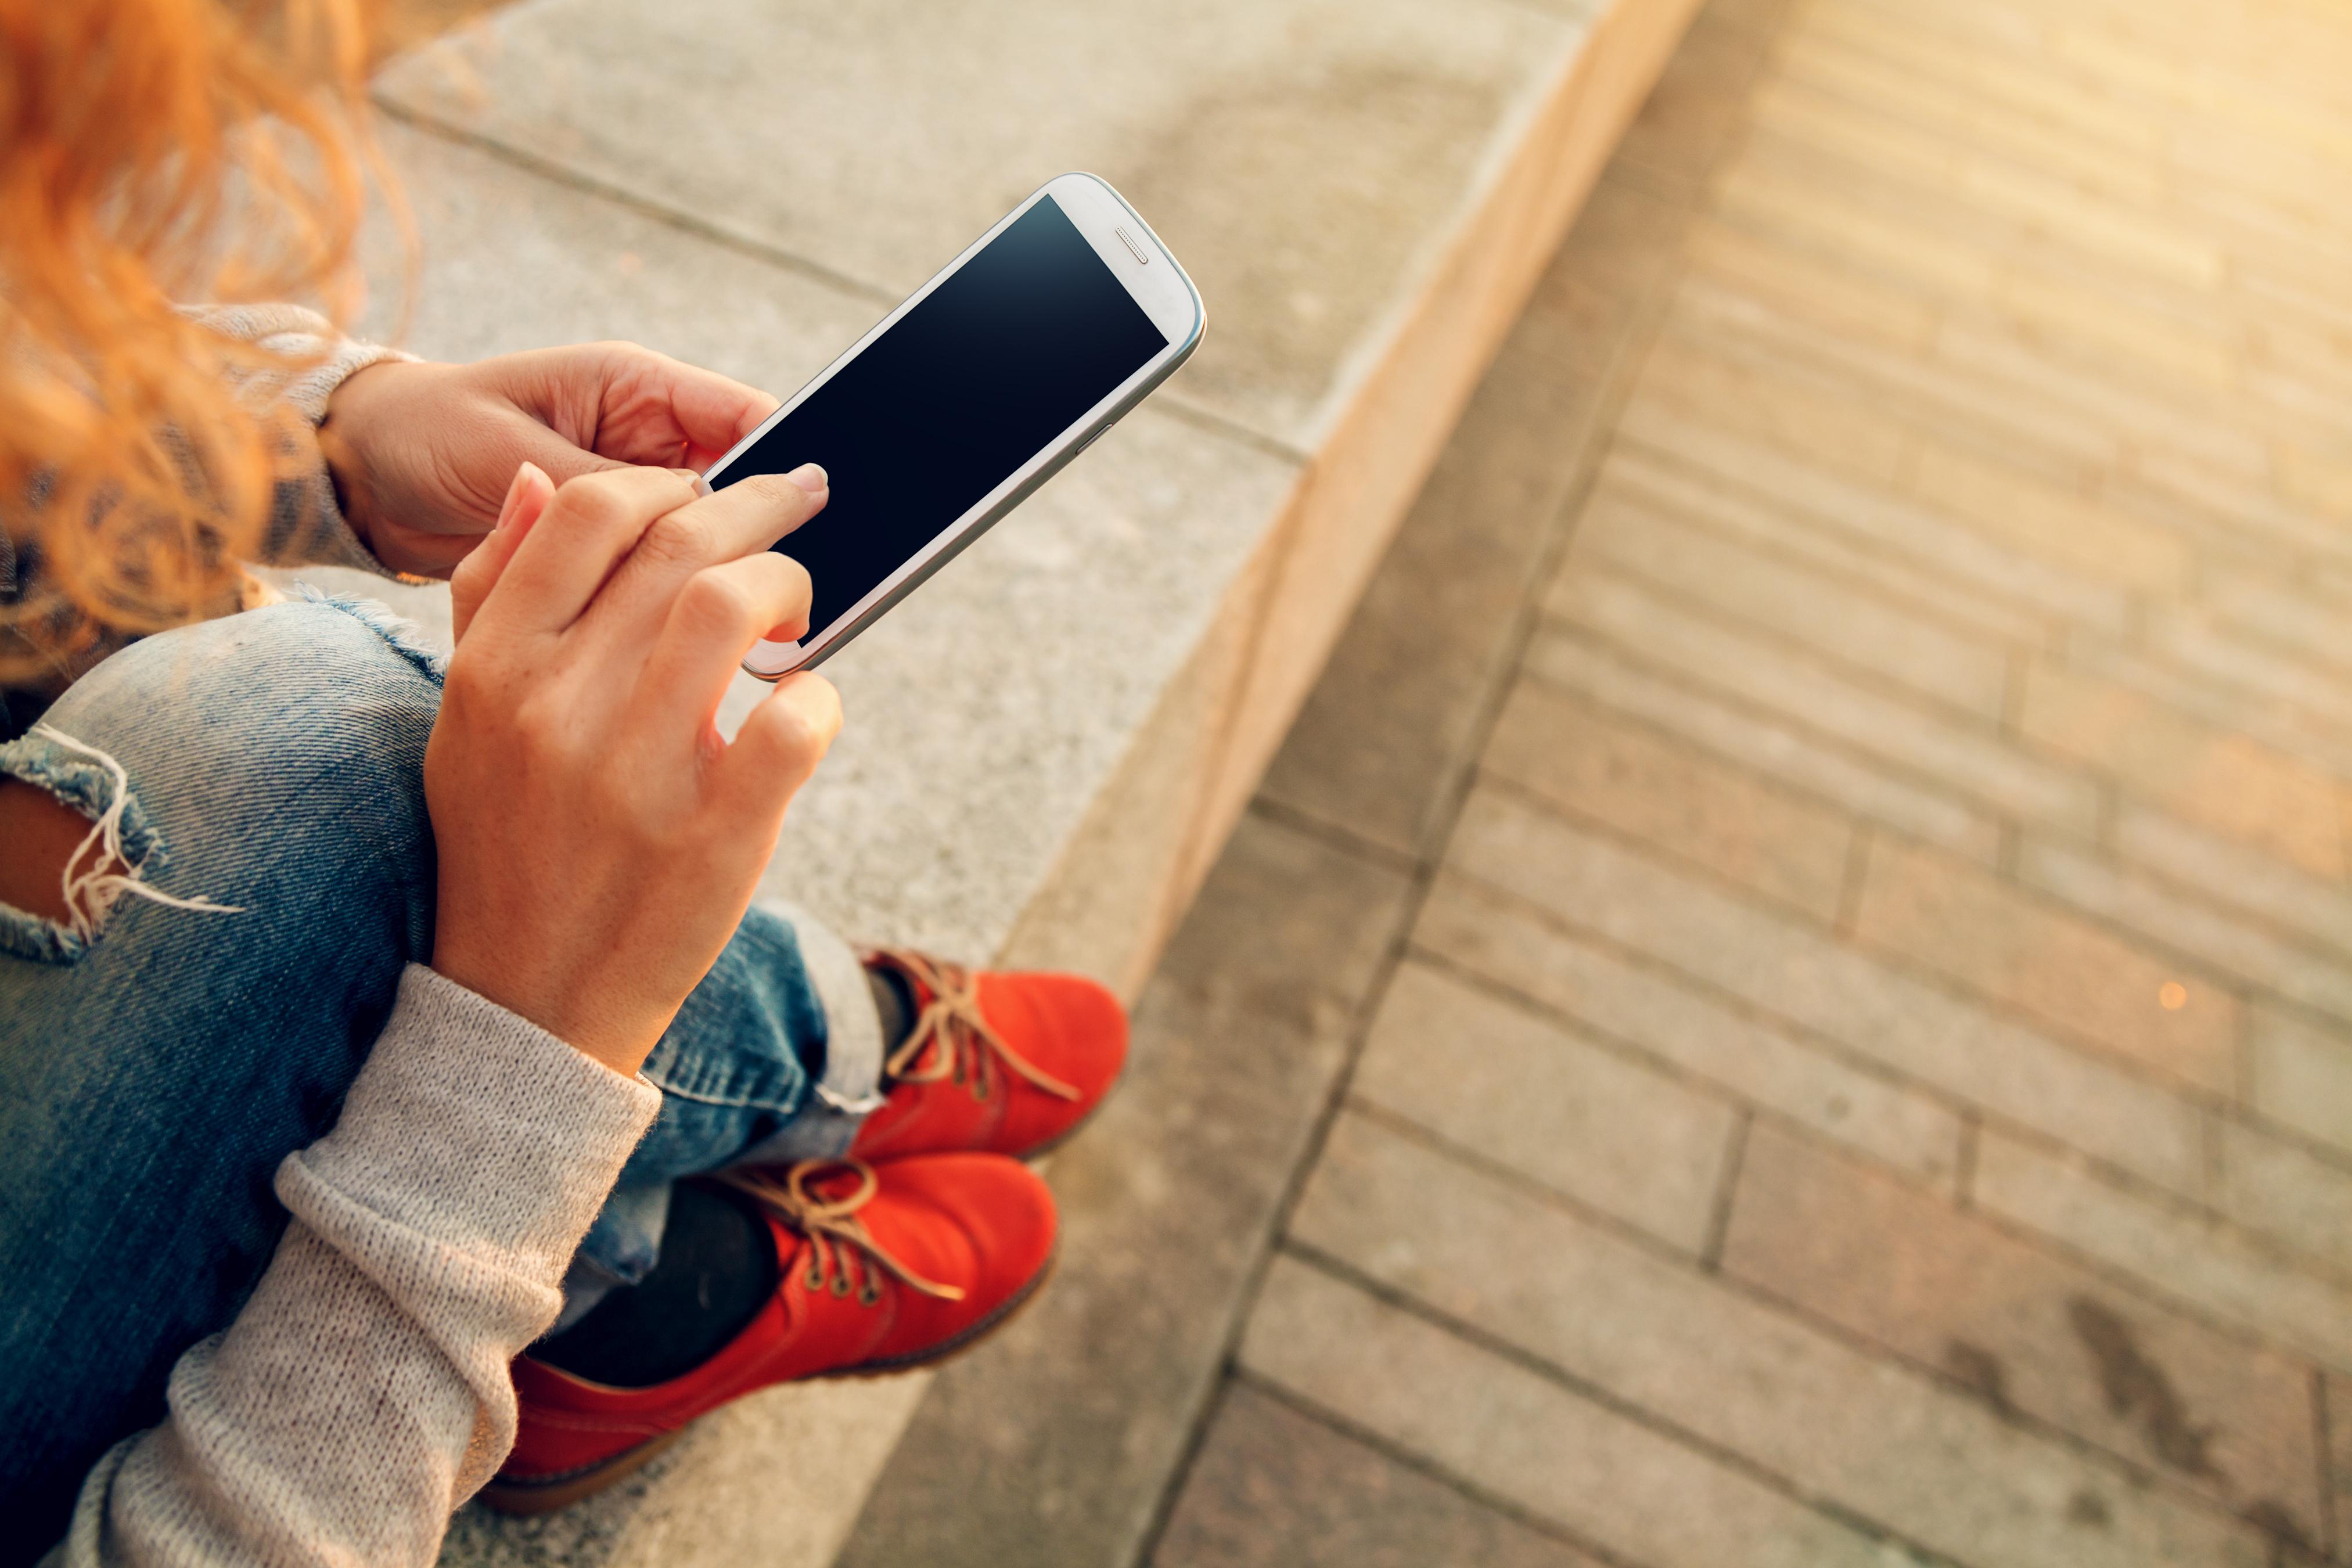 Jeune femme assise sur un muret utilisant un smartphone - Gros plan sur ses mains